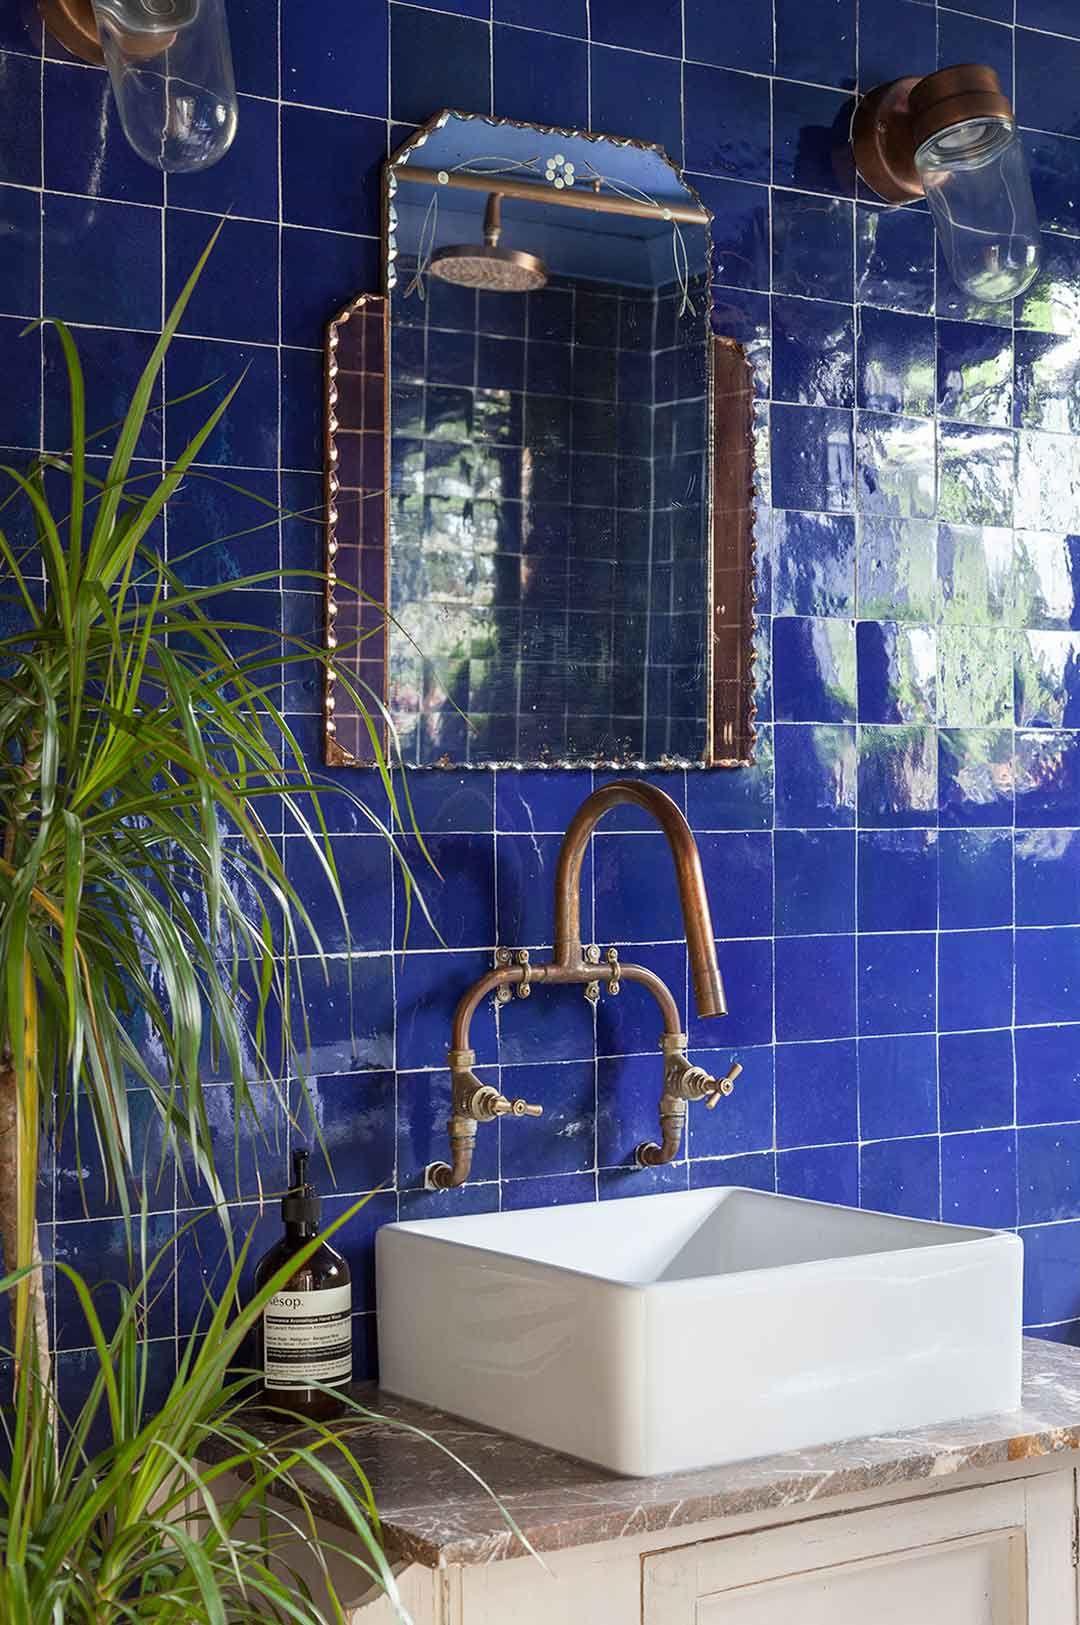 Projets Et Chantiers En Zellige Mosaic Del Sur Idee Salle De Bain Deco Salle D Eau Salle De Bain Marocaine